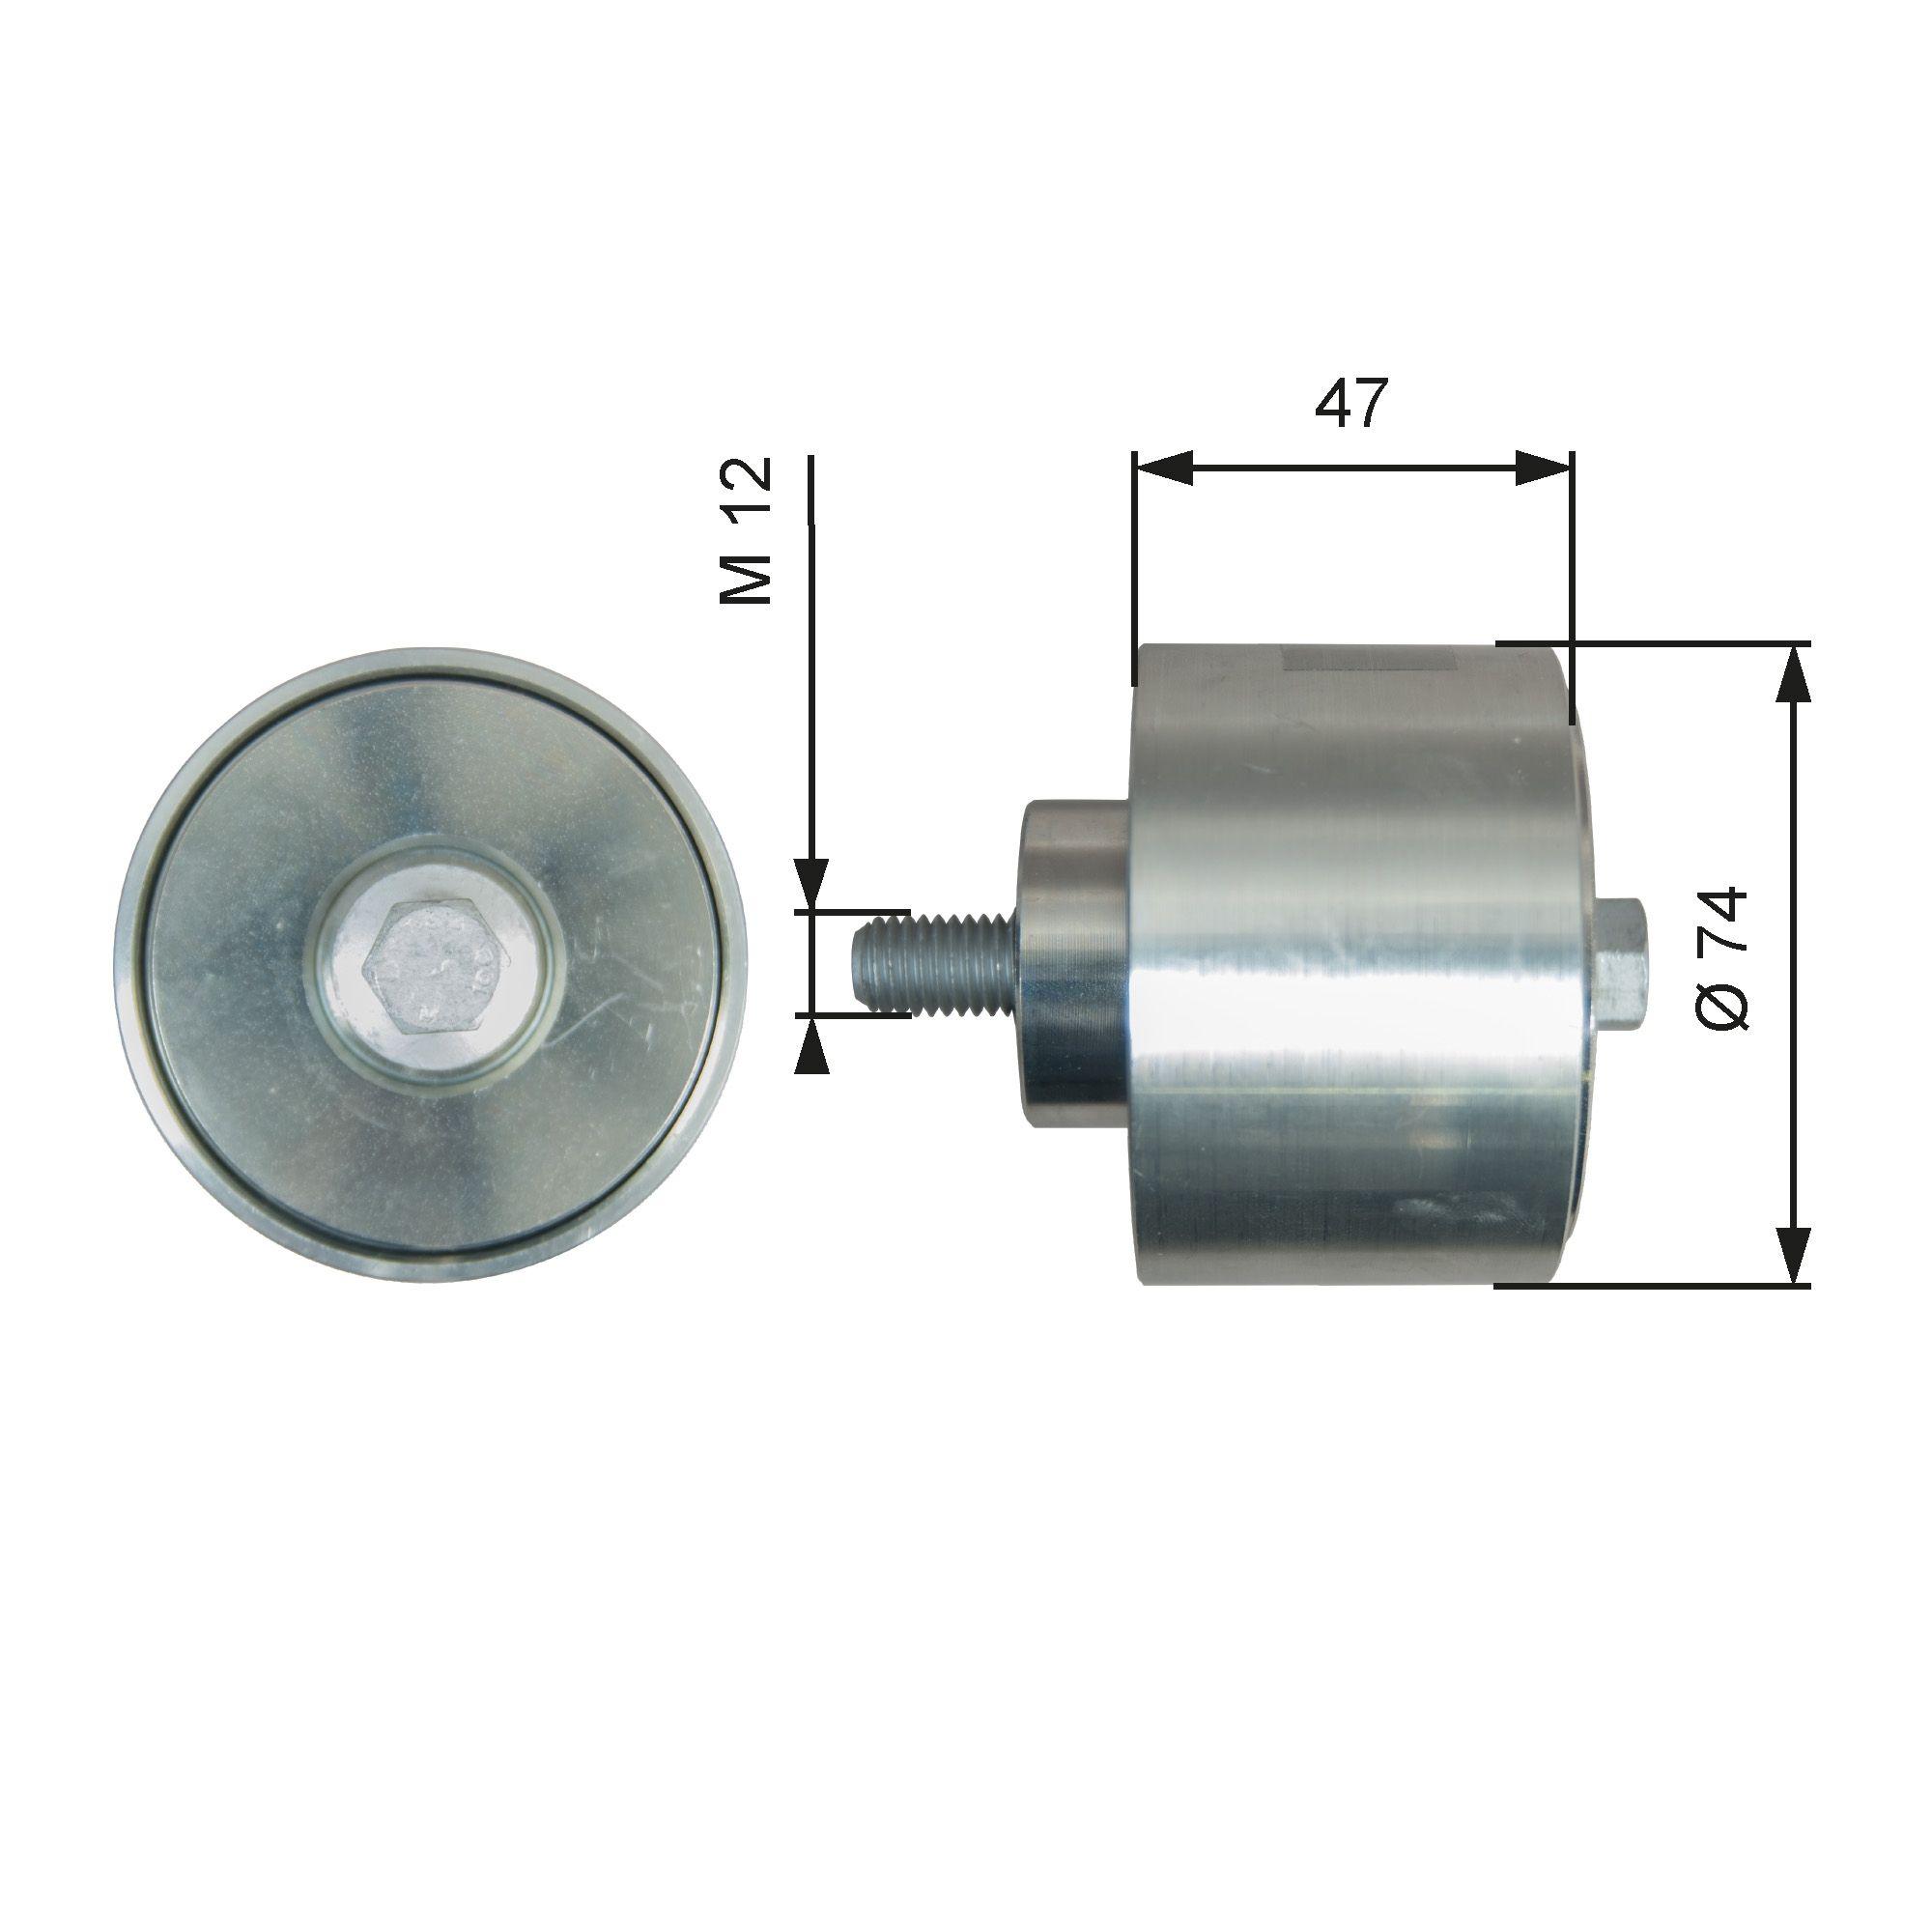 GATES Rolka kierunkowa / prowadząca, pasek klinowy zębaty do IVECO - numer produktu: T36637